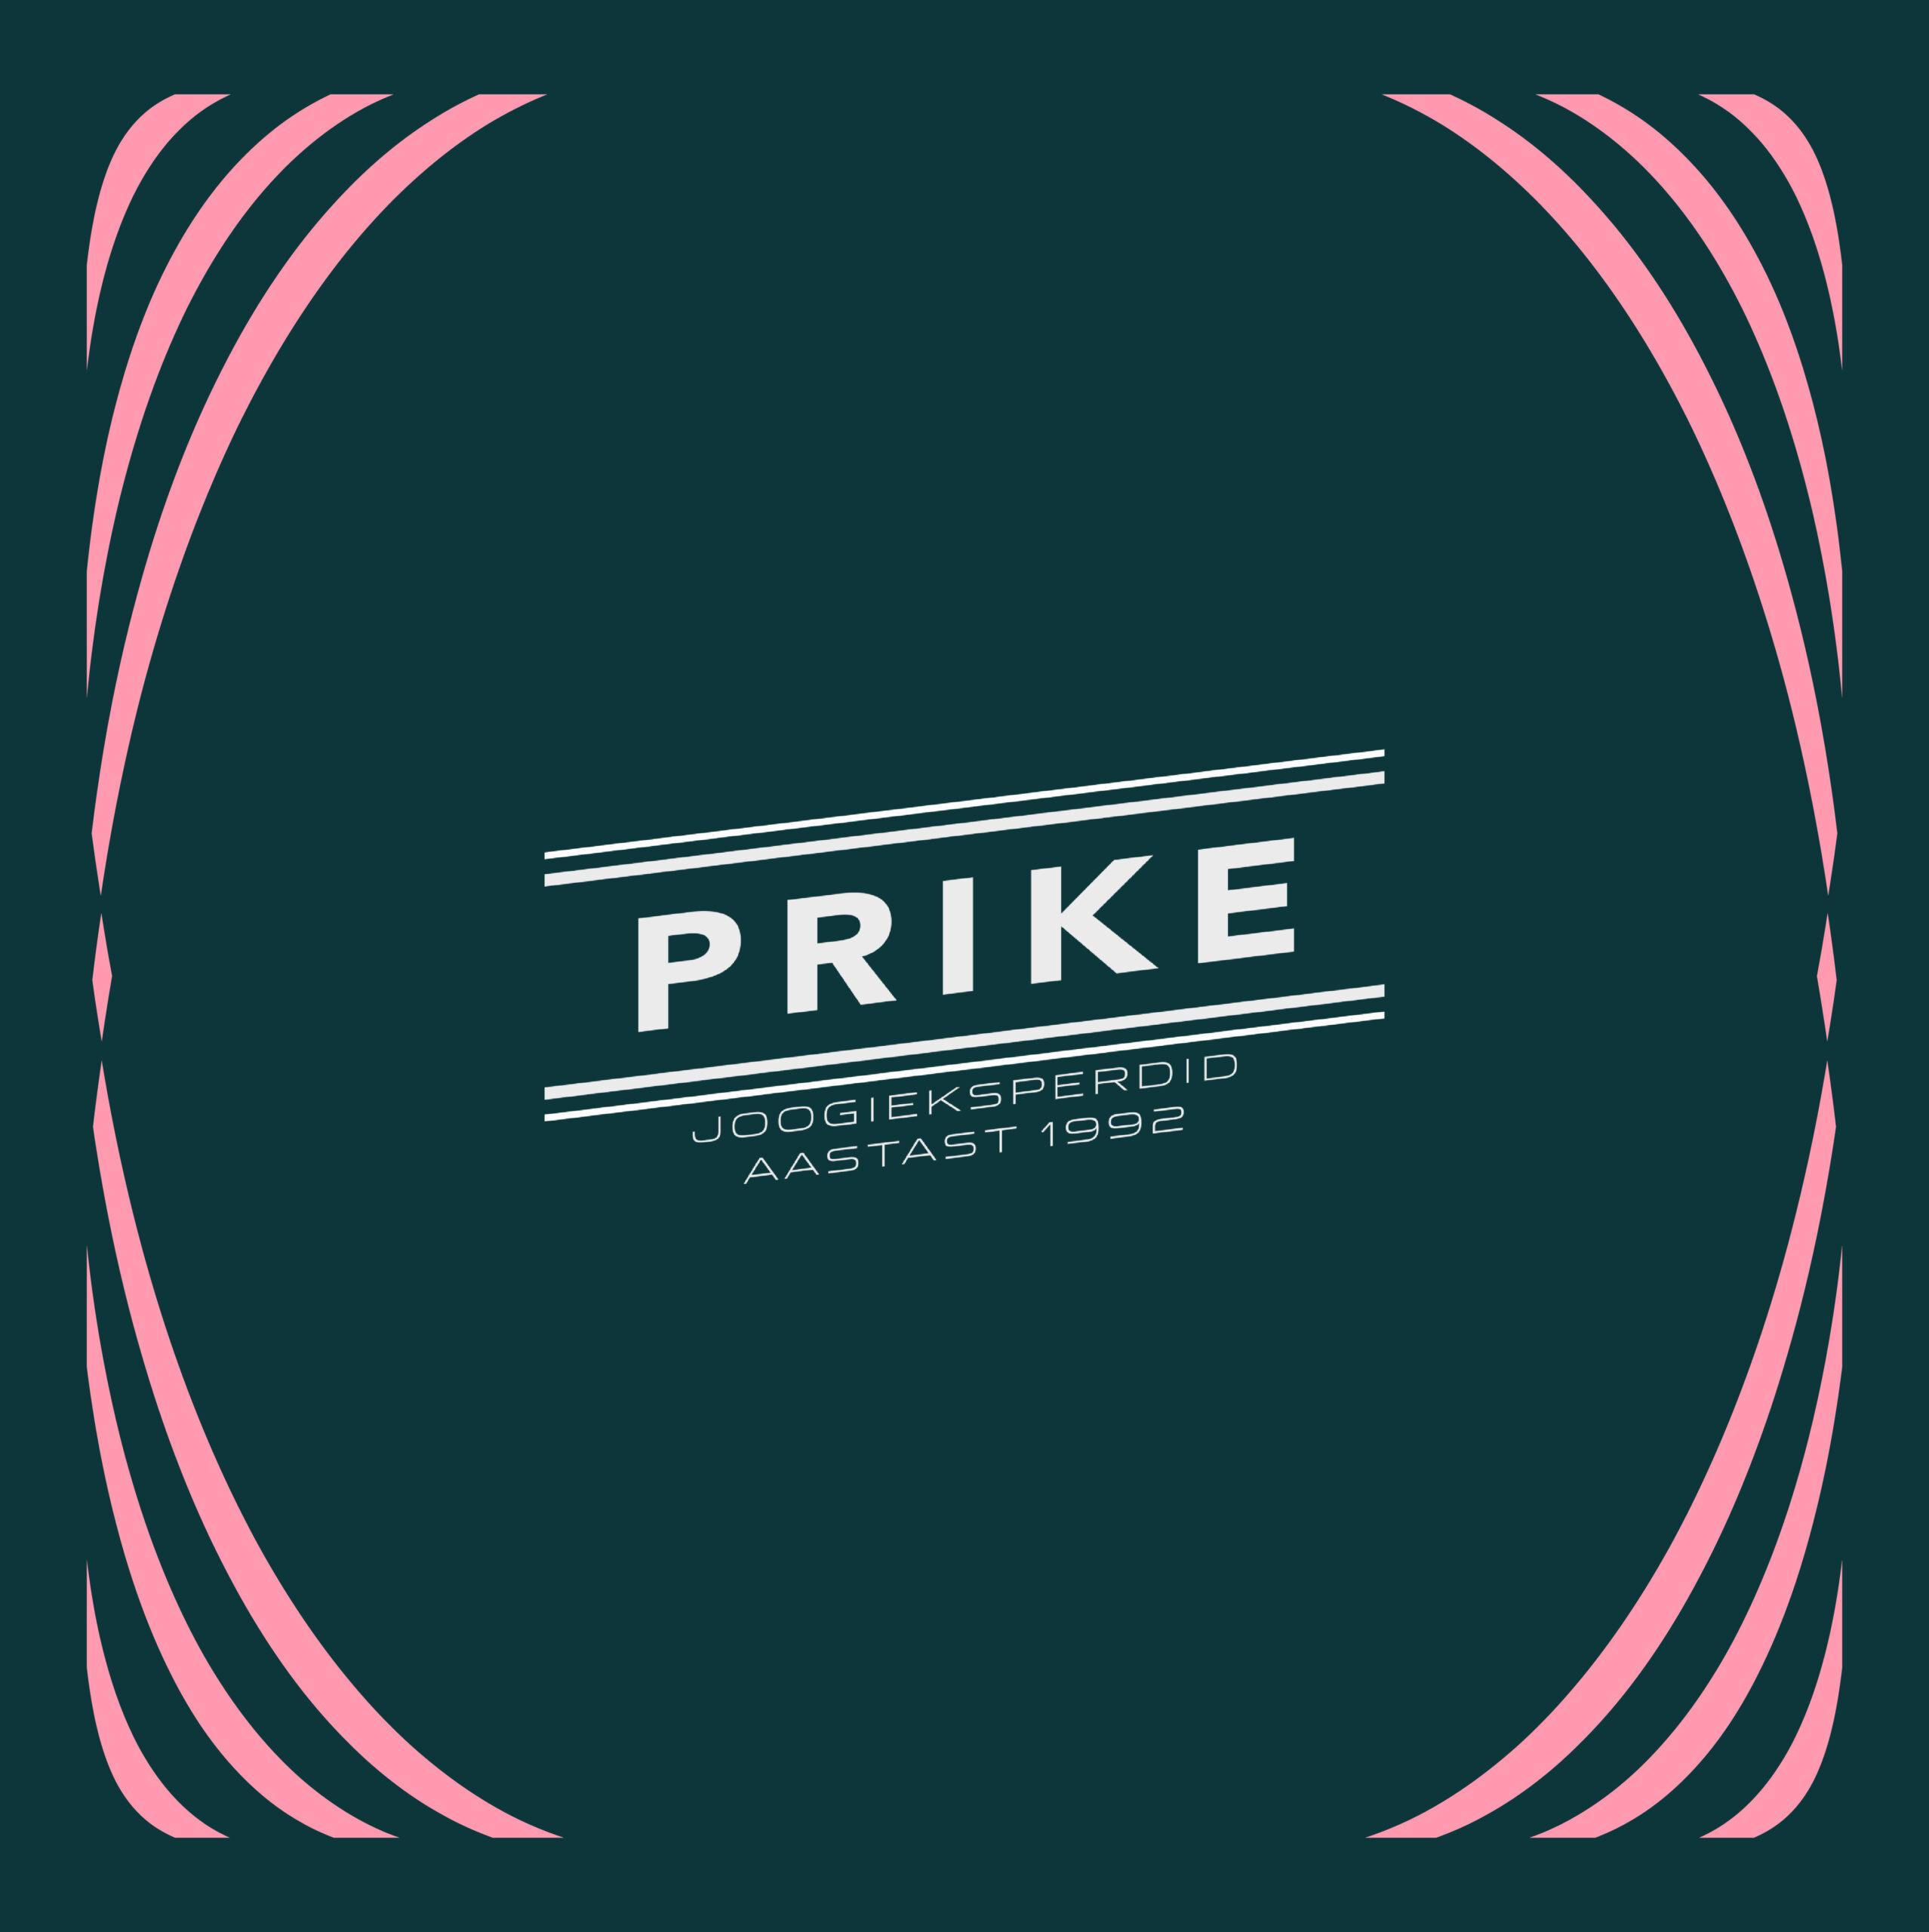 prike_TlnCW_Sponsorid_IG